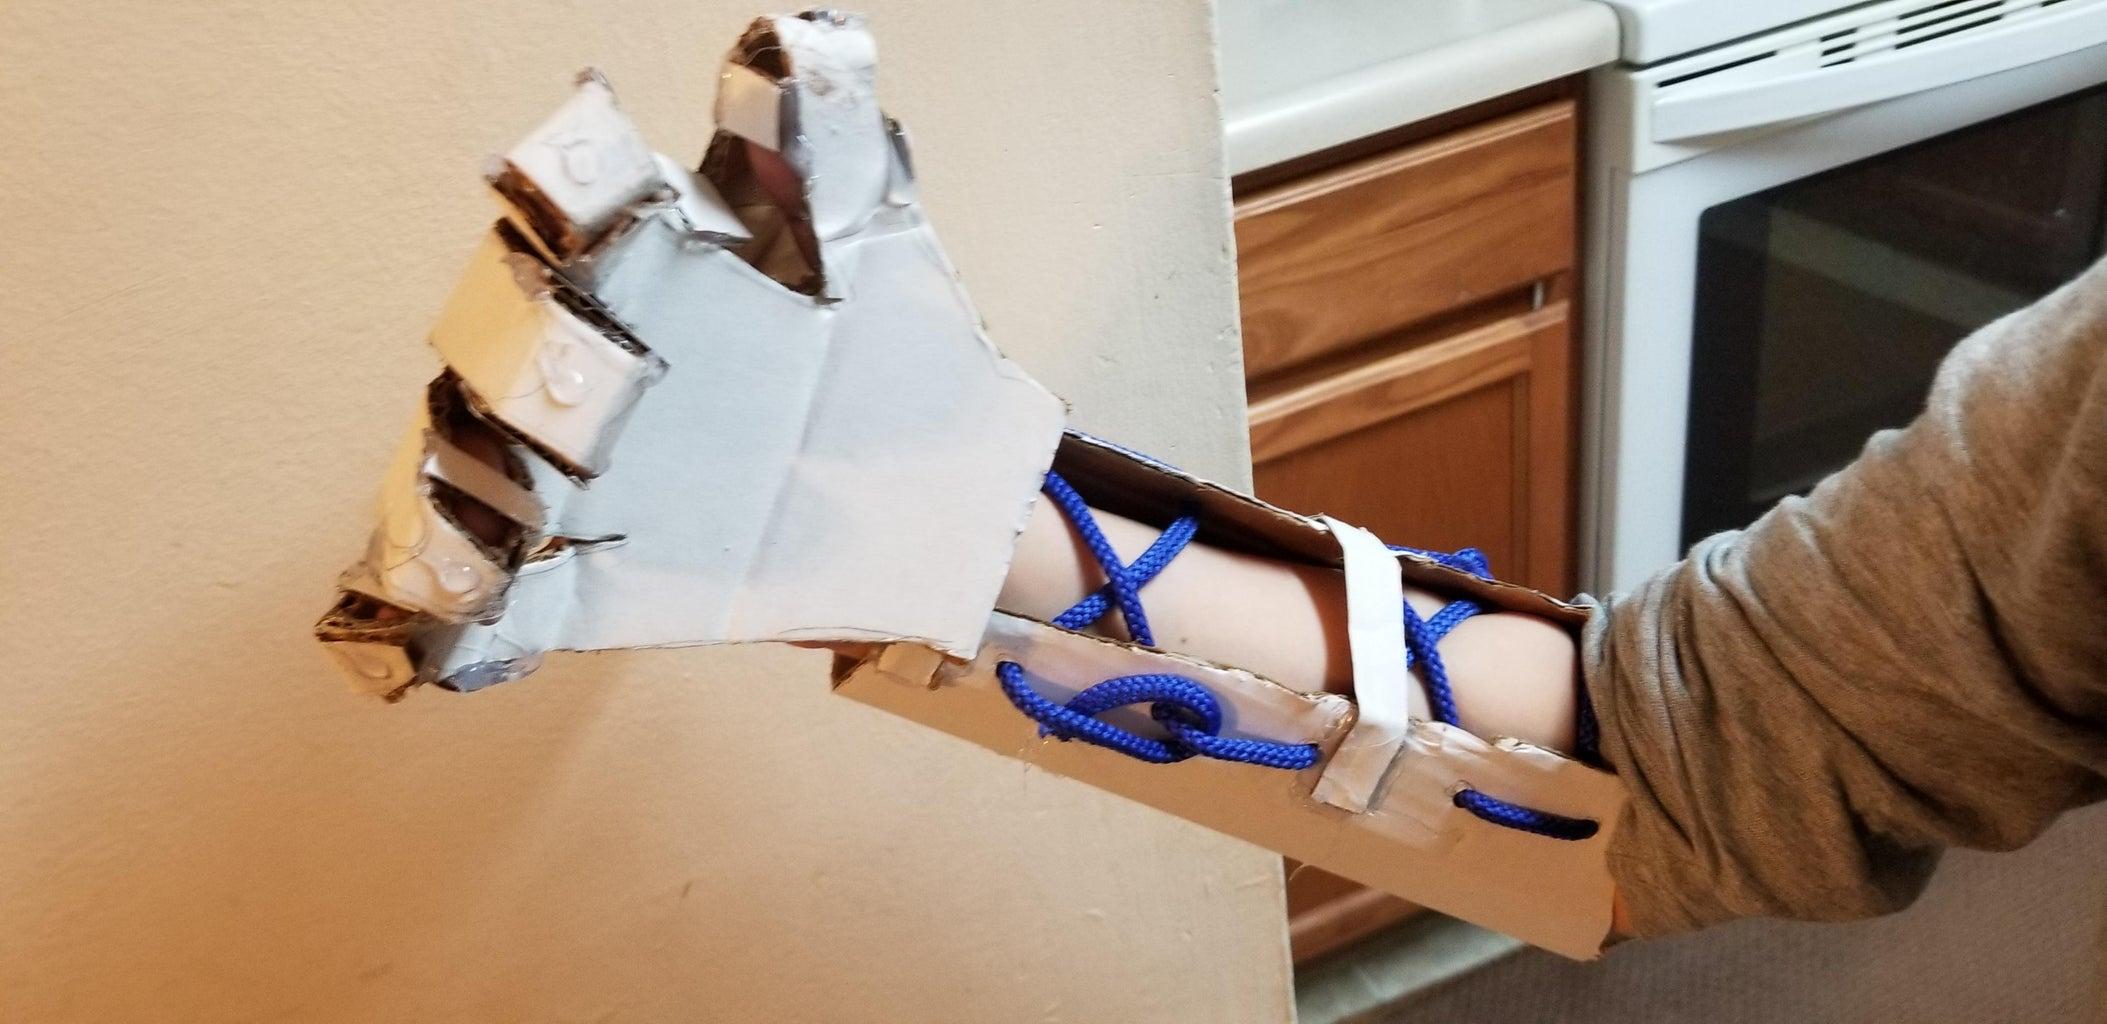 Cardboard Glove